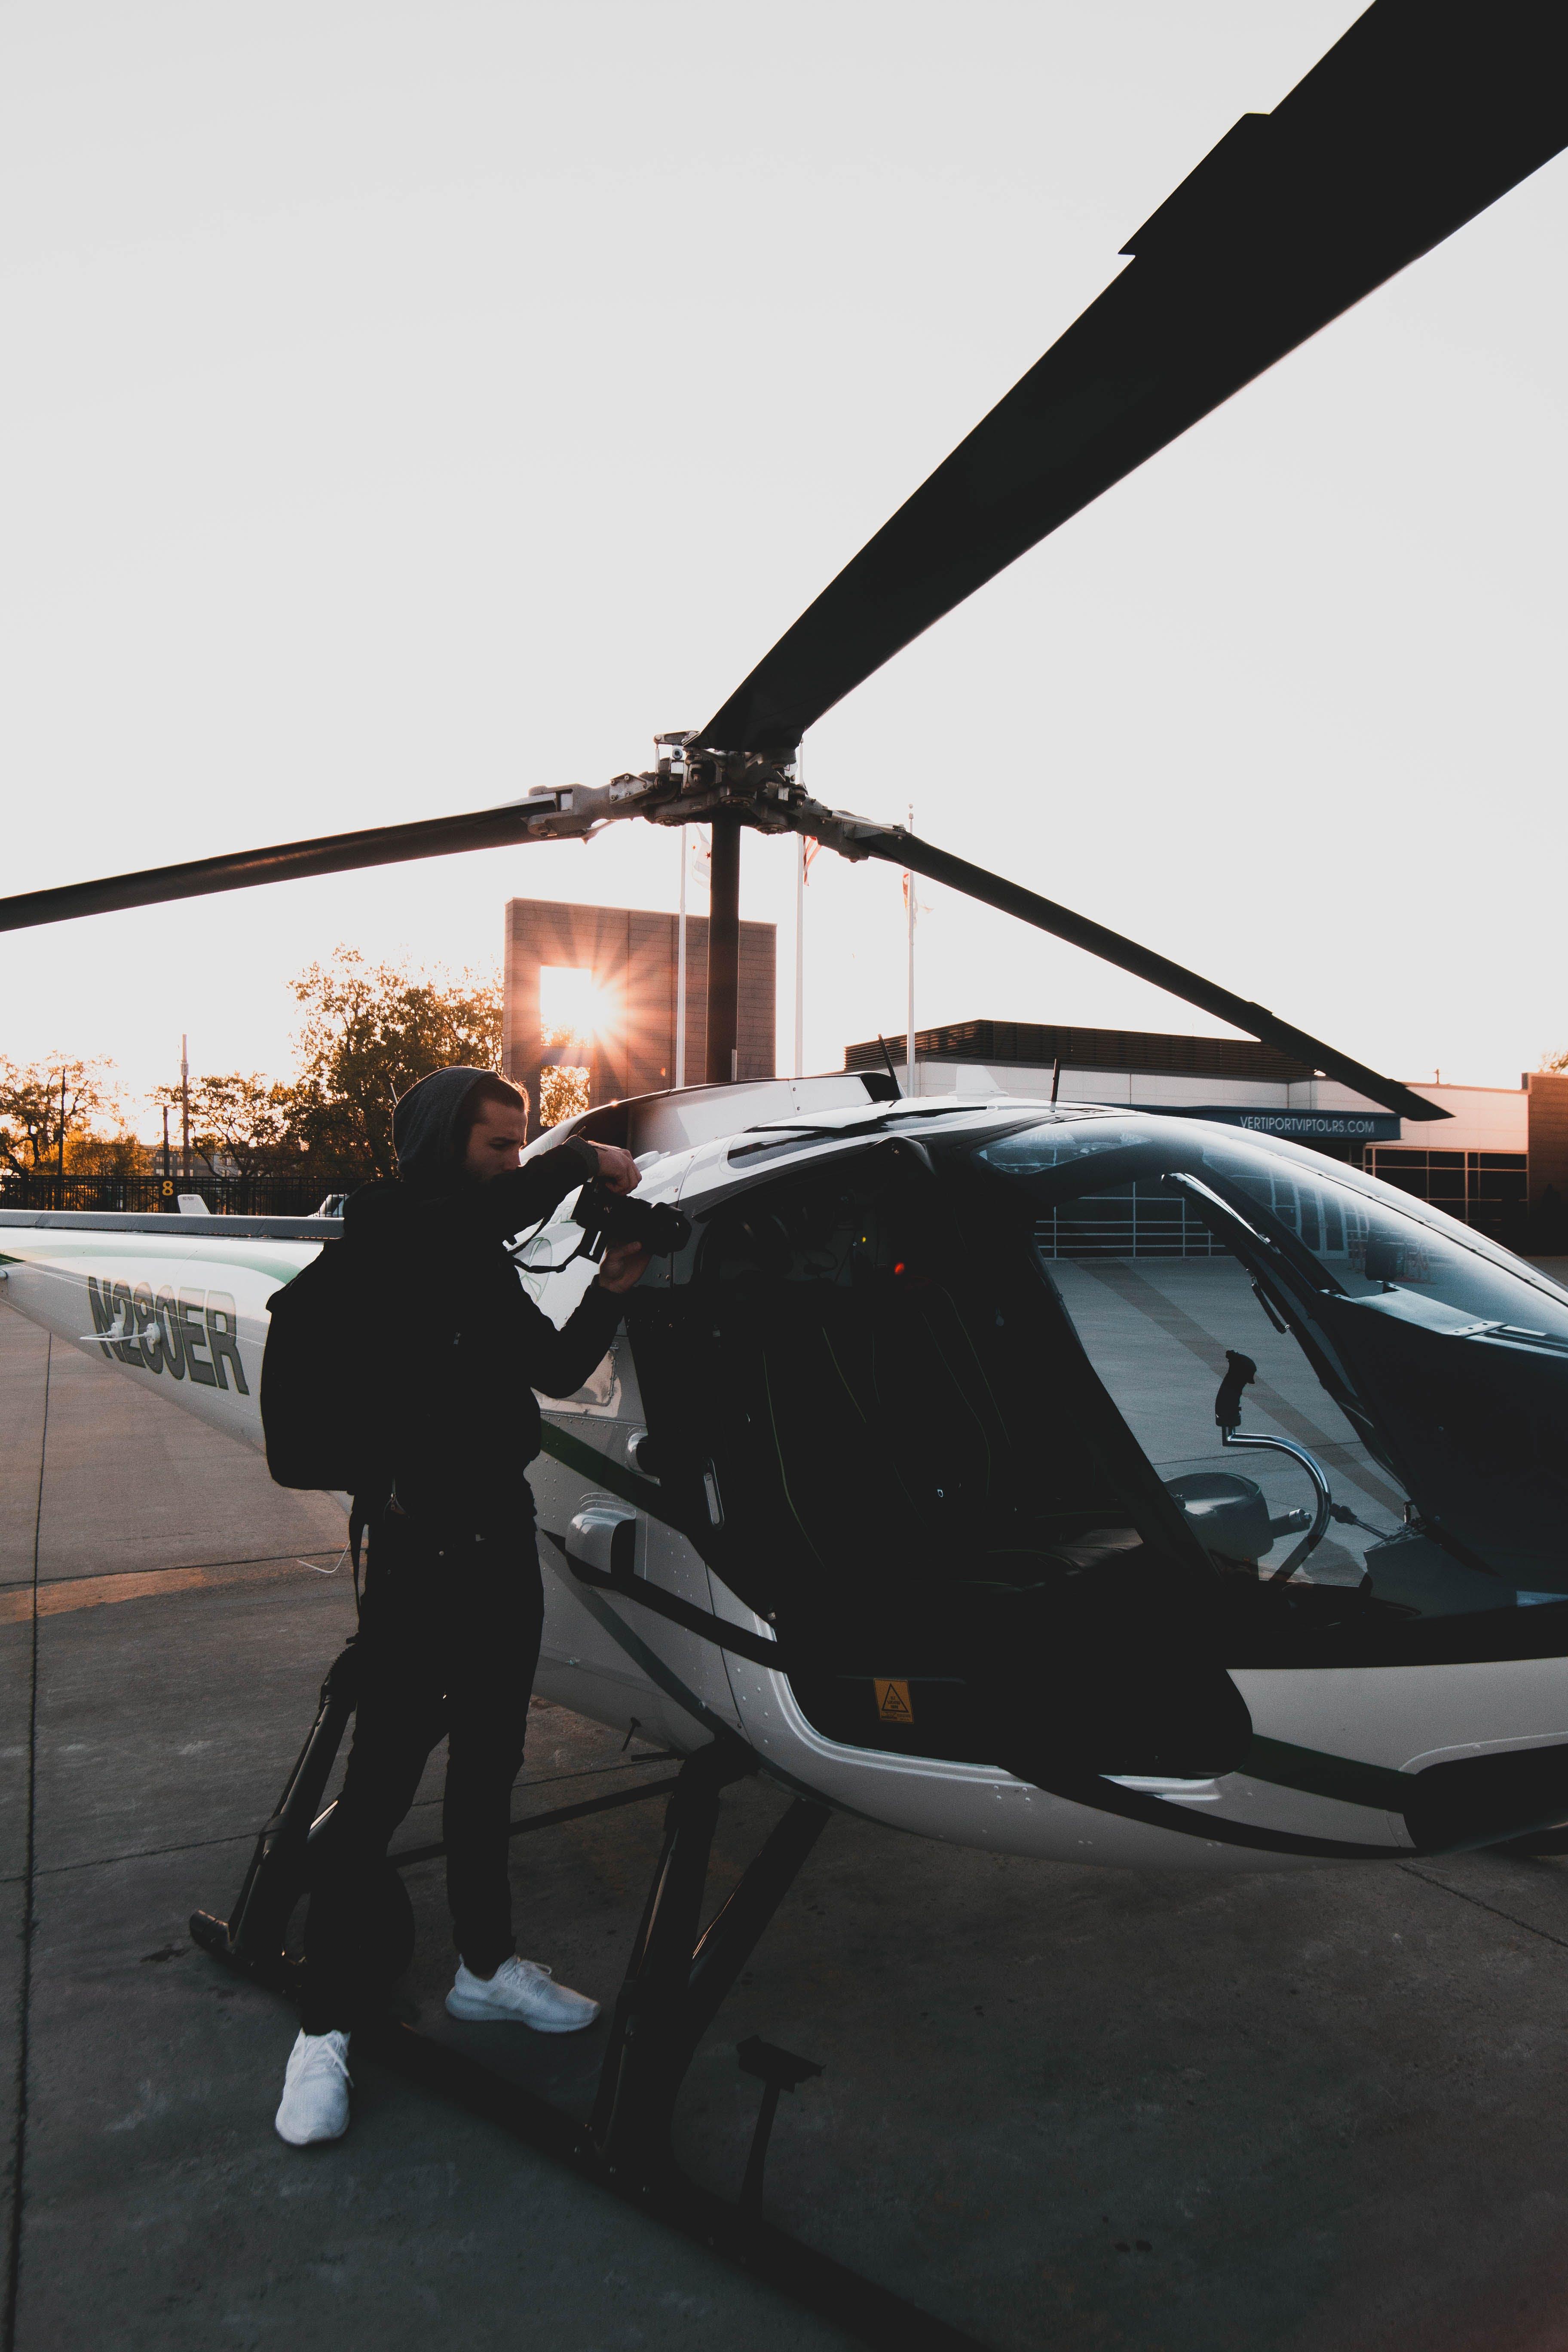 Бесплатное стоковое фото с Авиация, Аэропорт, вертолет, дневной свет